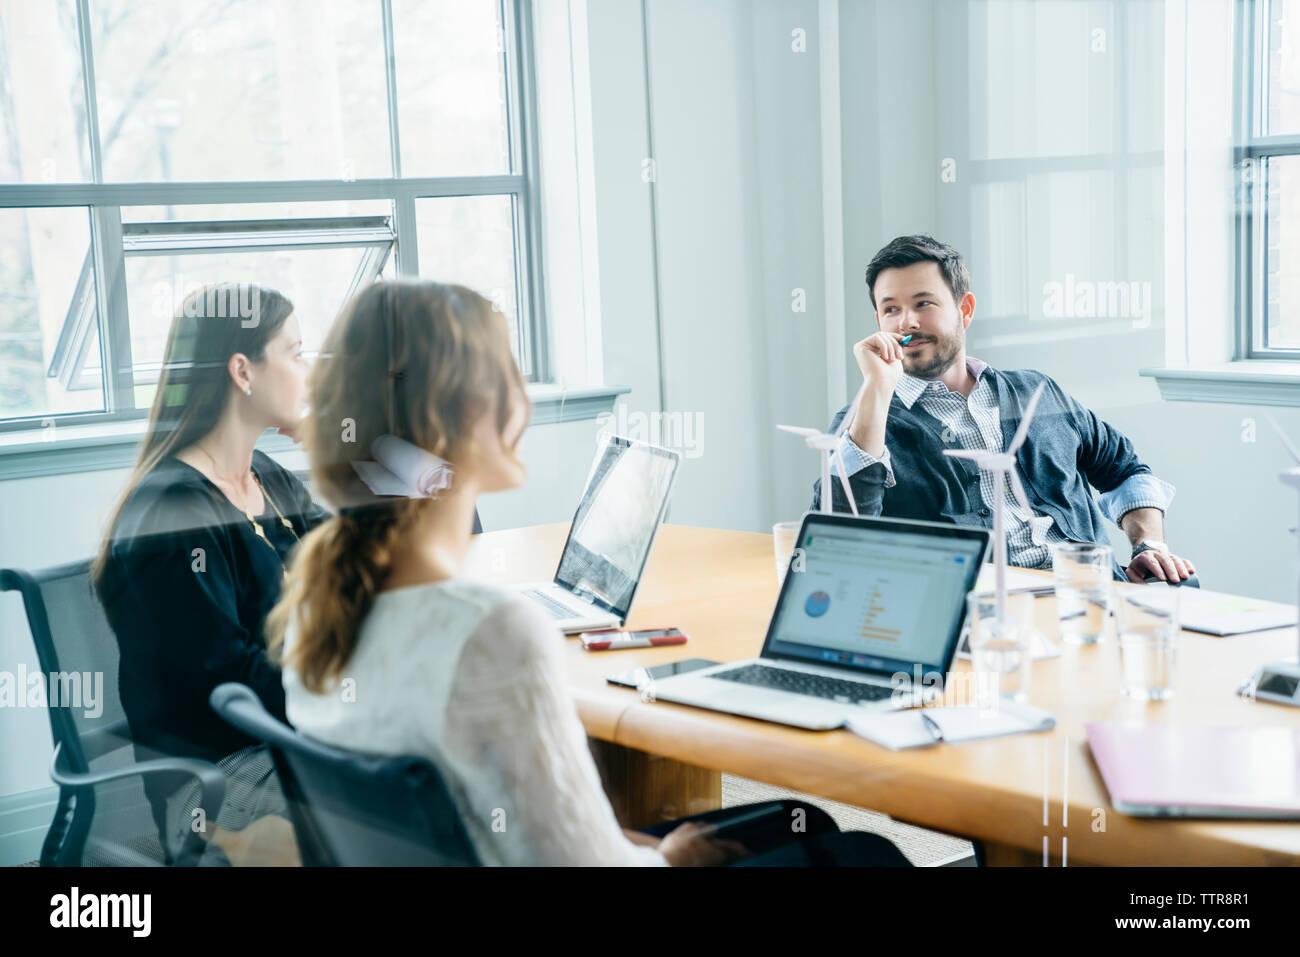 Geschäft Leute diskutieren während der Sitzung im Amt durch das Fenster gesehen Stockfoto